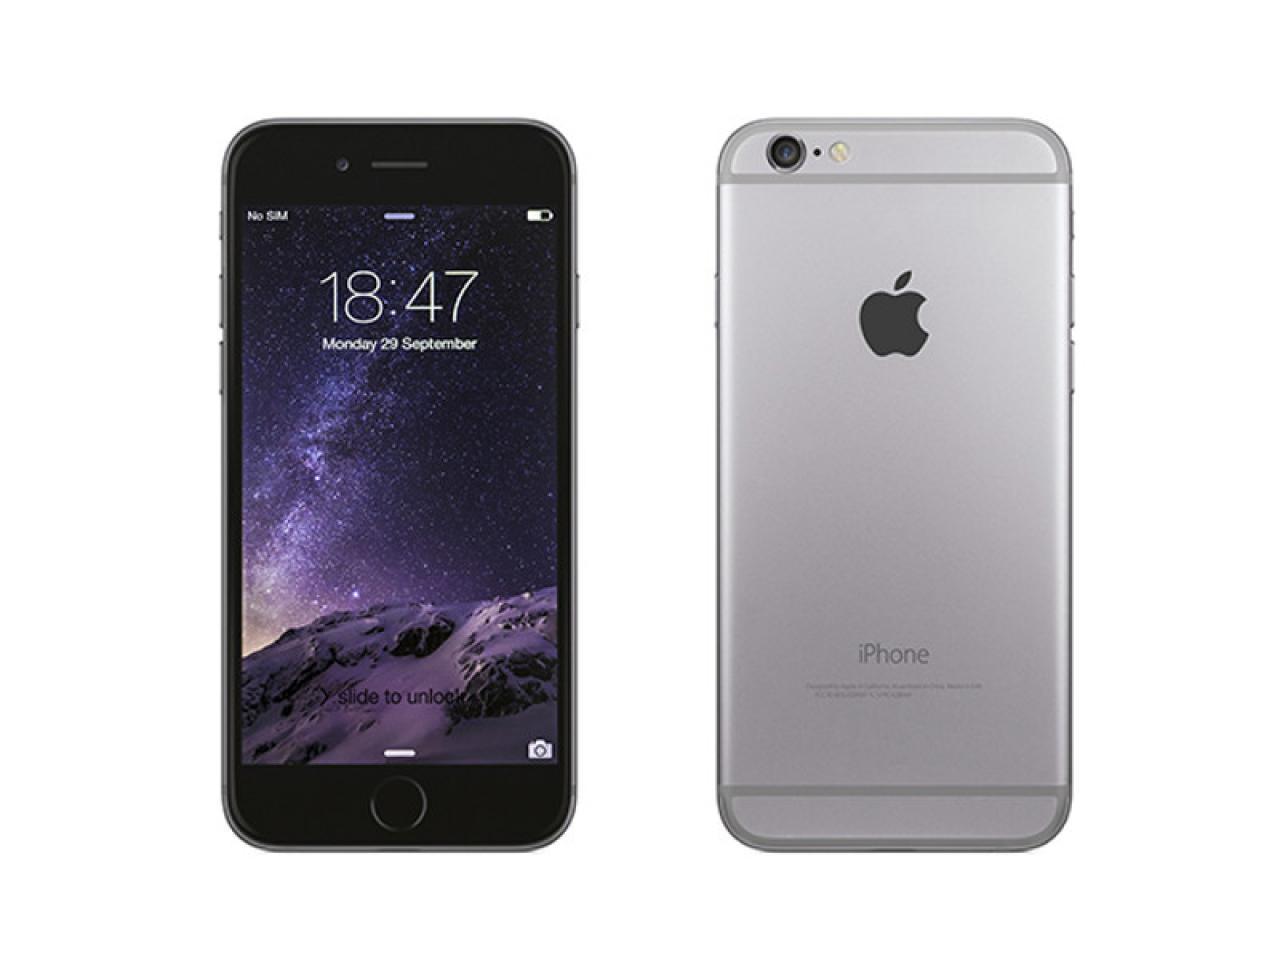 Apple iPhone 6s Space-Grau  - shop.bb-net.de